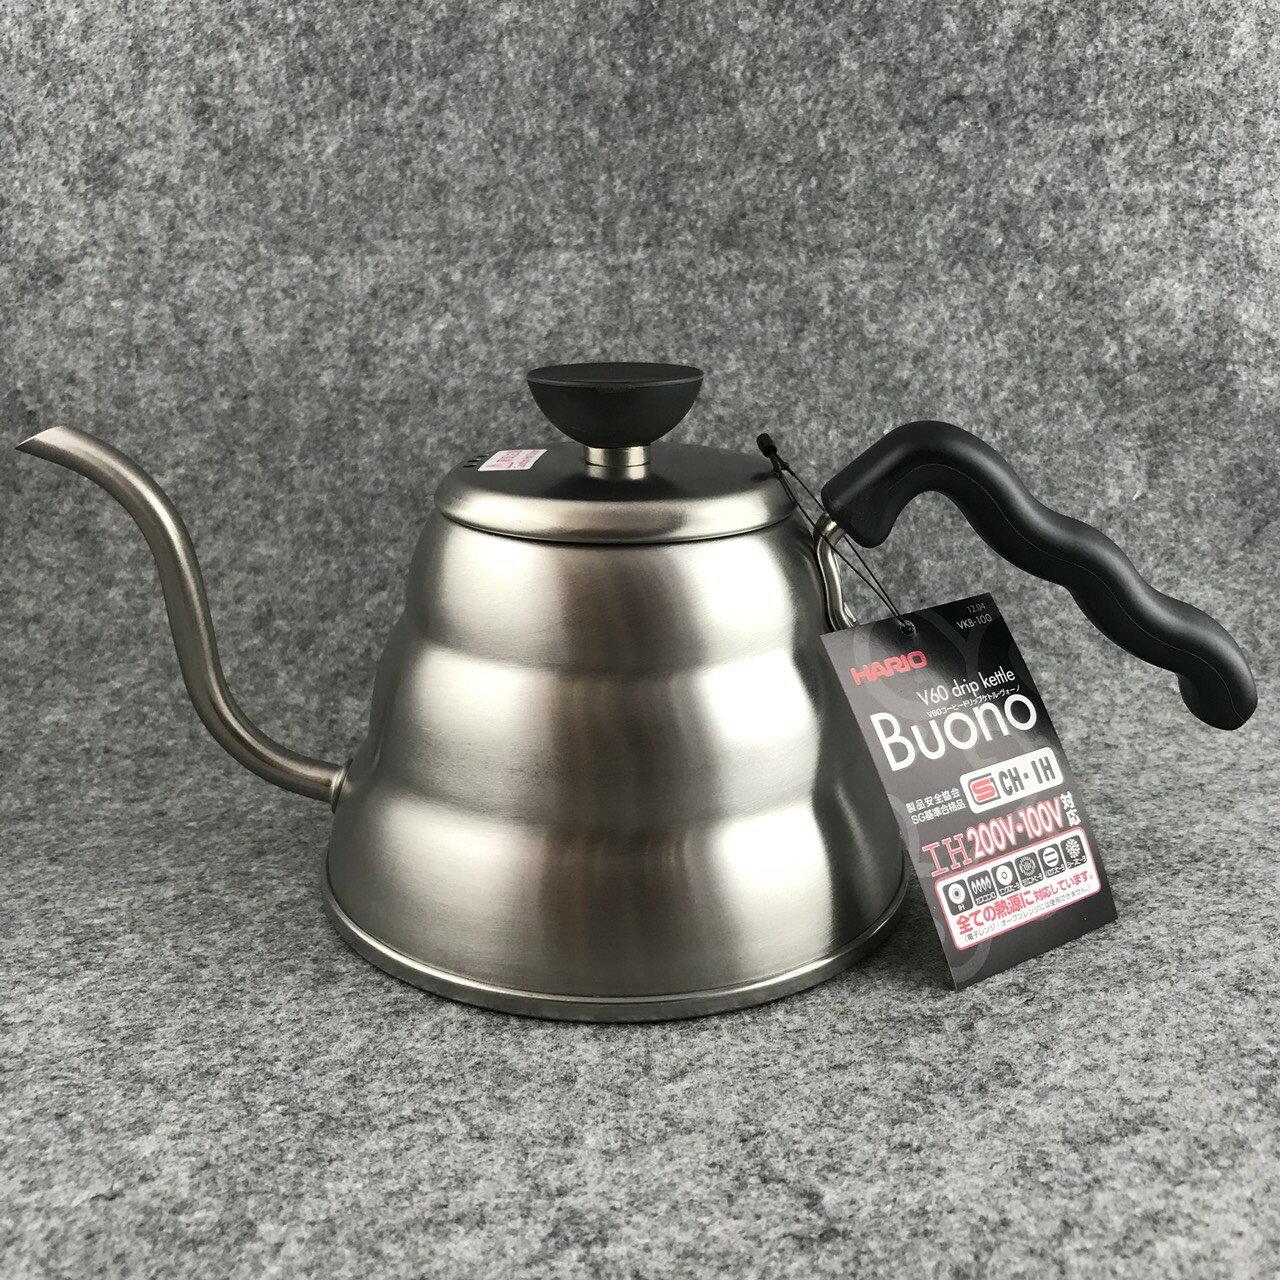 【沐湛咖啡】日本進口Hario 手沖壺-細口壺 VKB-100 不銹鋼材質 BUONO瓦斯爐電磁爐均可使用